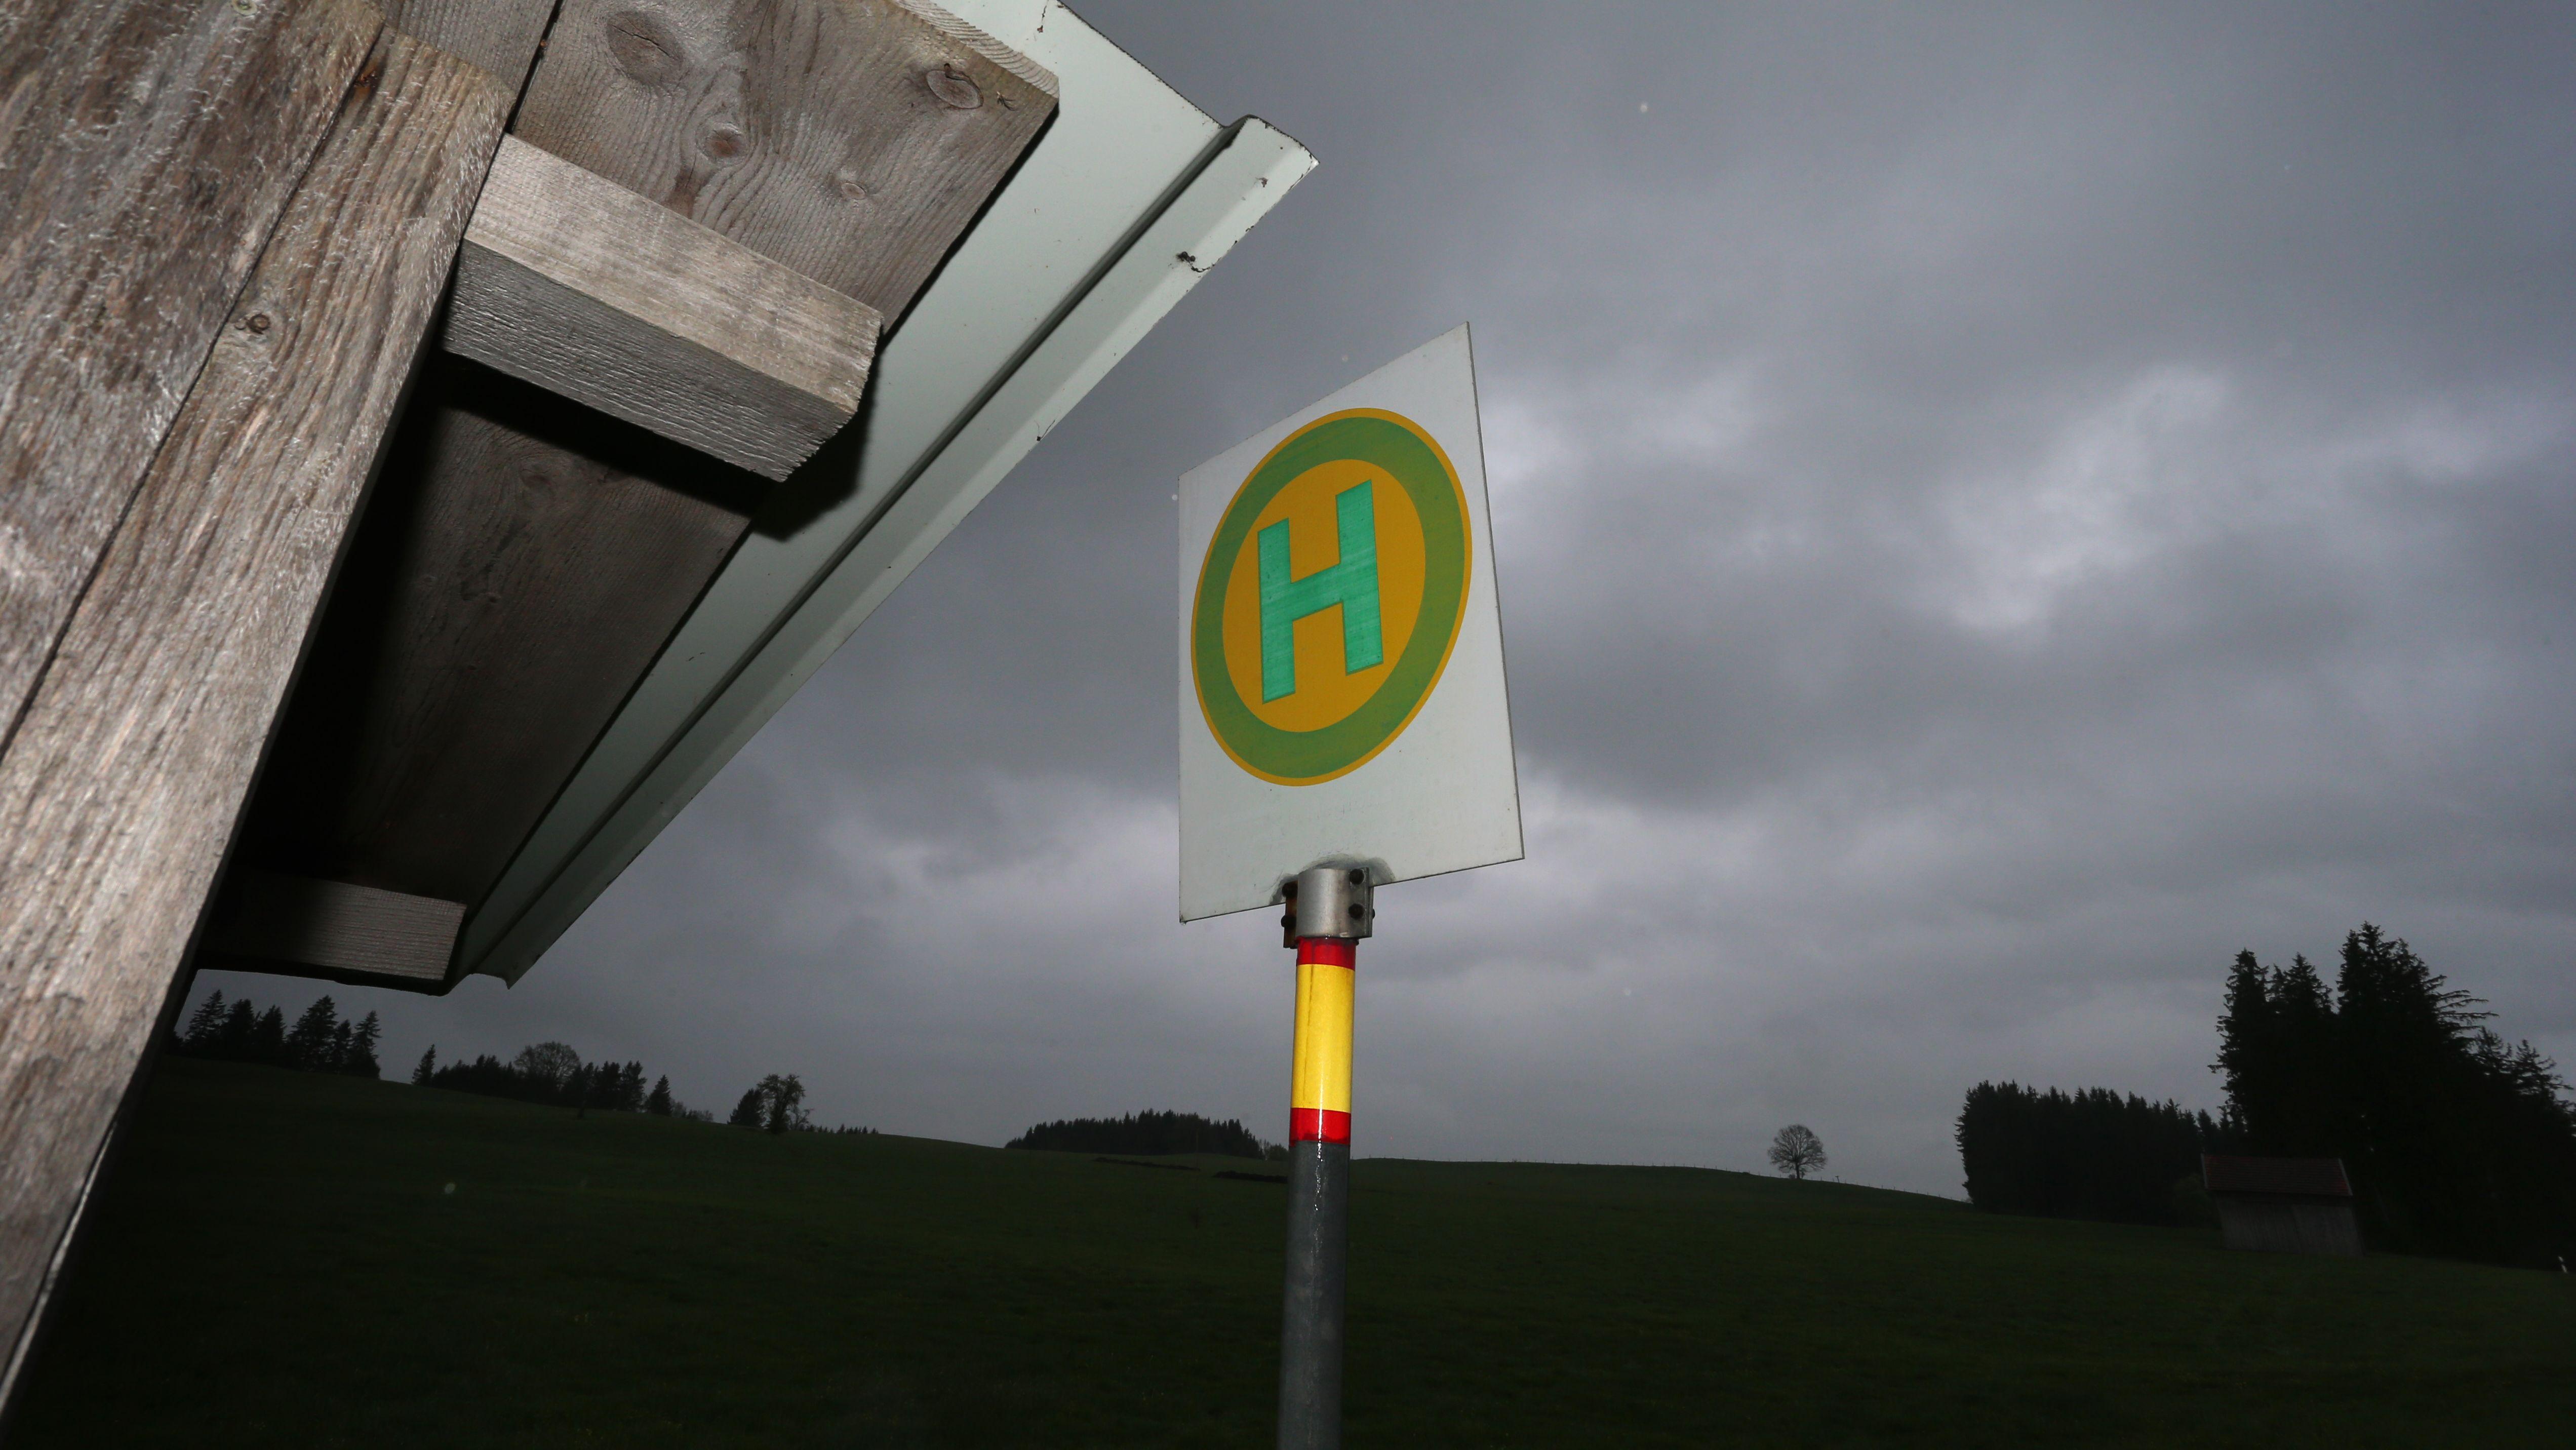 Eine Haltestellenzeichen ragt an einer kleinen Bushaltestelle in den dunklen Himmel